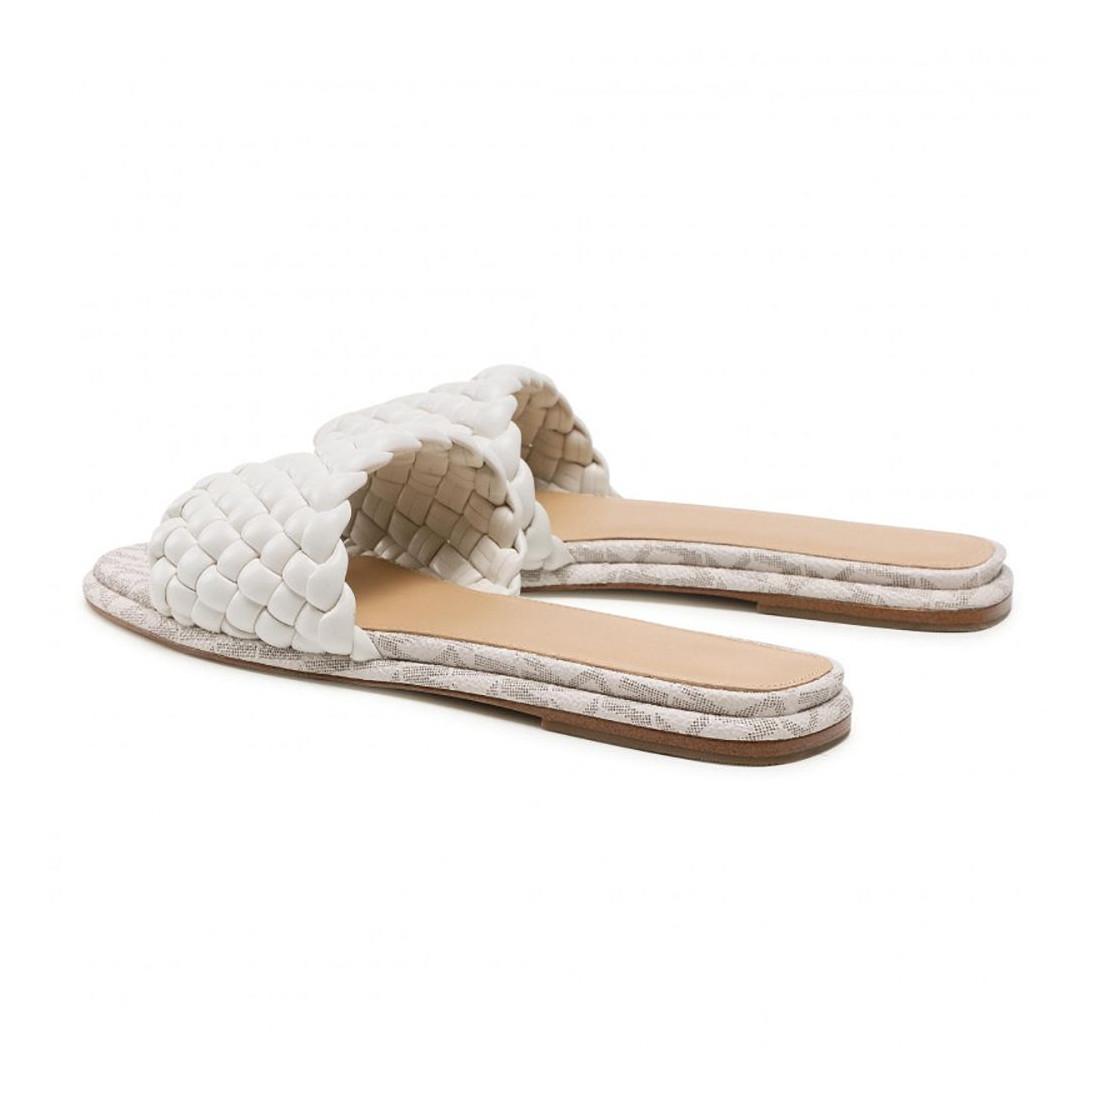 sandalen damen michael kors 40s1amfa3l141 8593